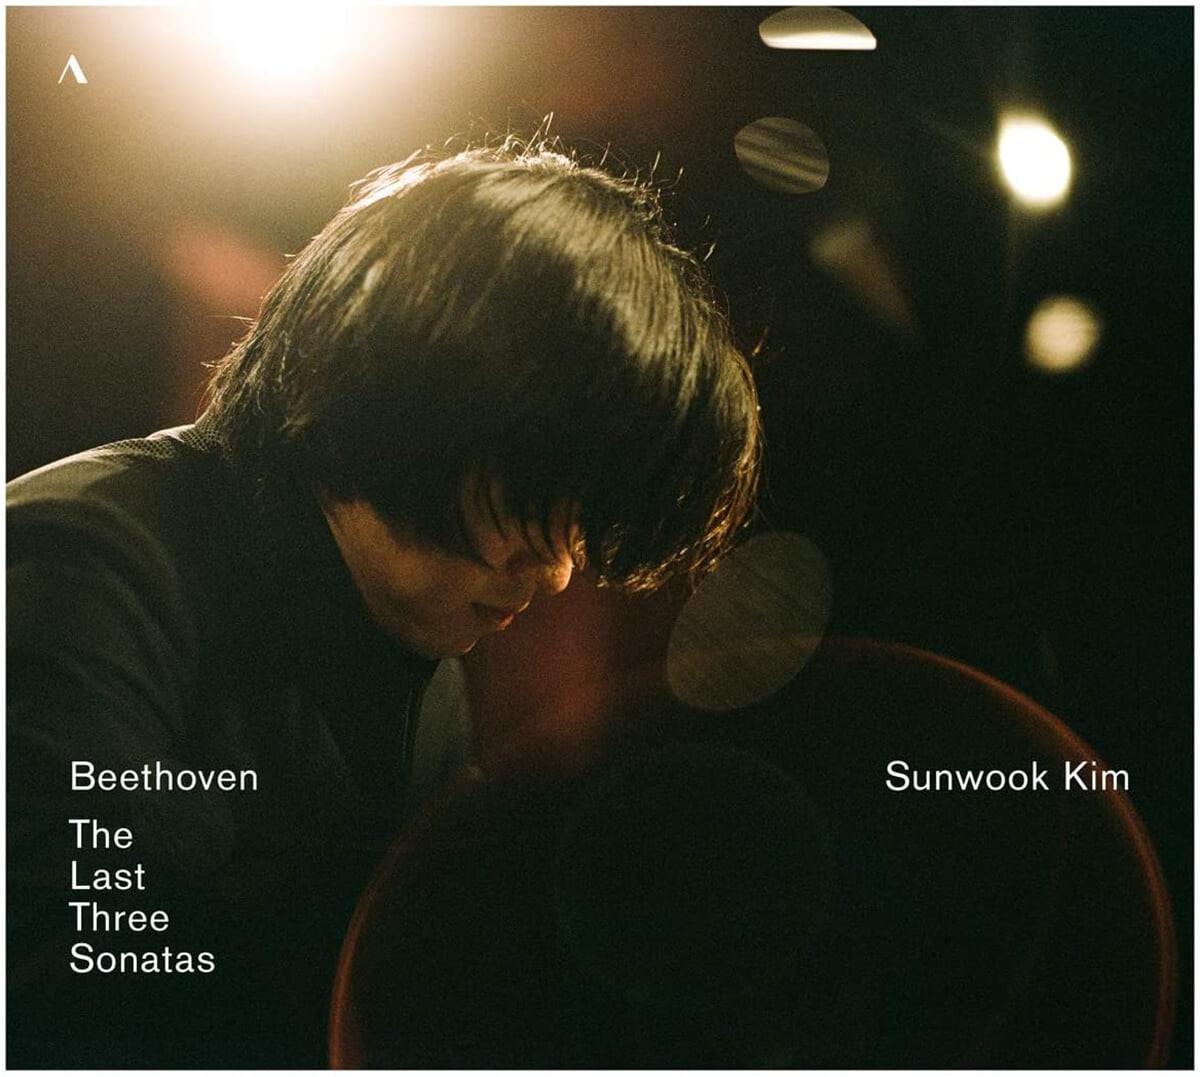 김선욱 - 베토벤: 피아노 소나타 30, 31, 32번 (Beethoven: The Last Three Sonatas)